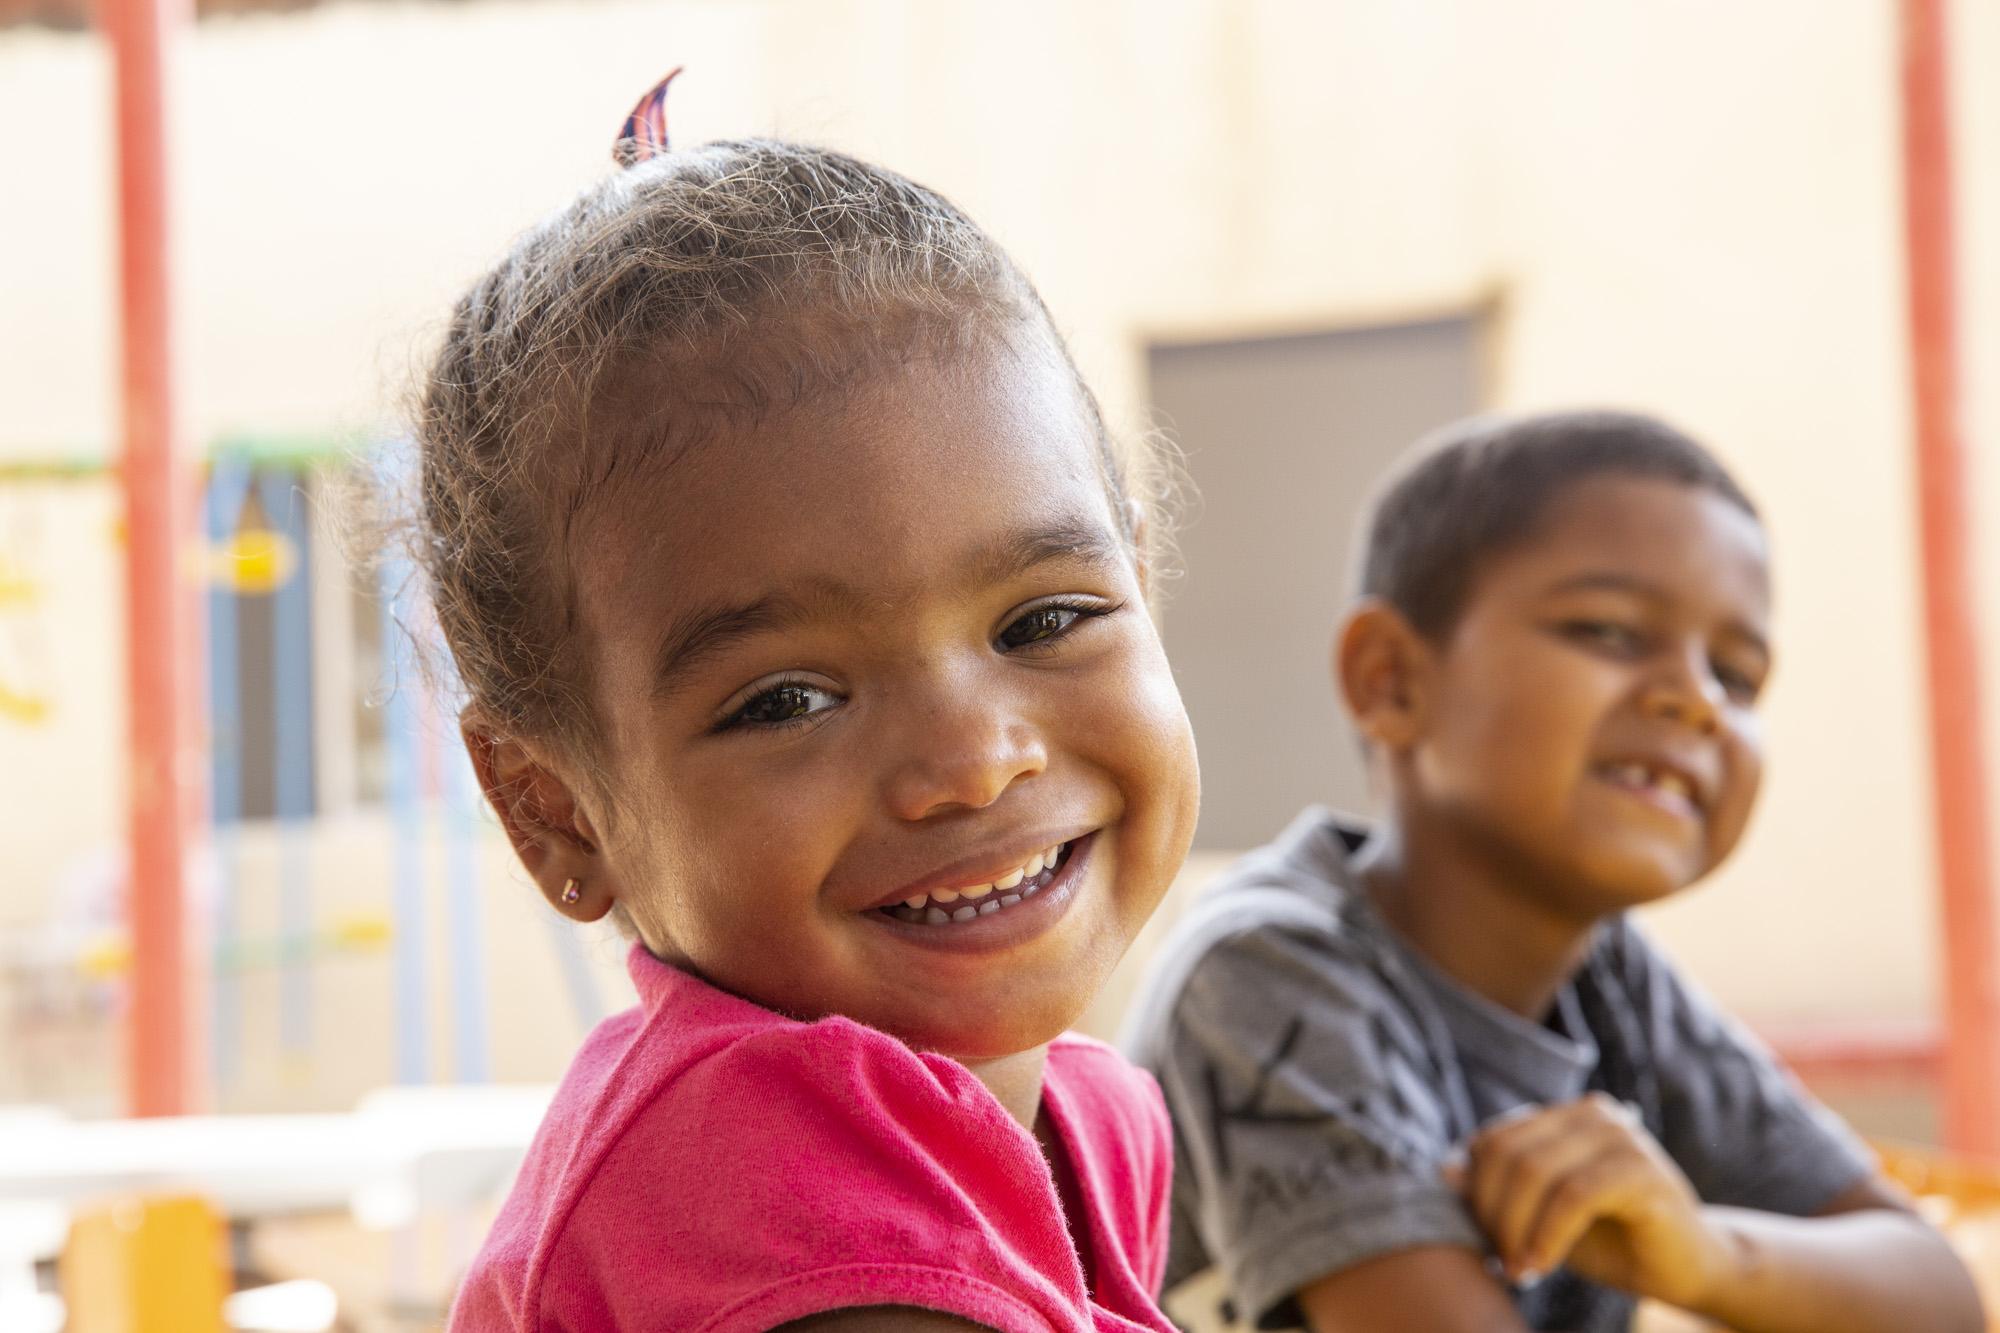 Causa da Educação, representada por Fernanda Gentil,é a grande vencedora da promoçãoGanhou, Causouda Nestlé 2